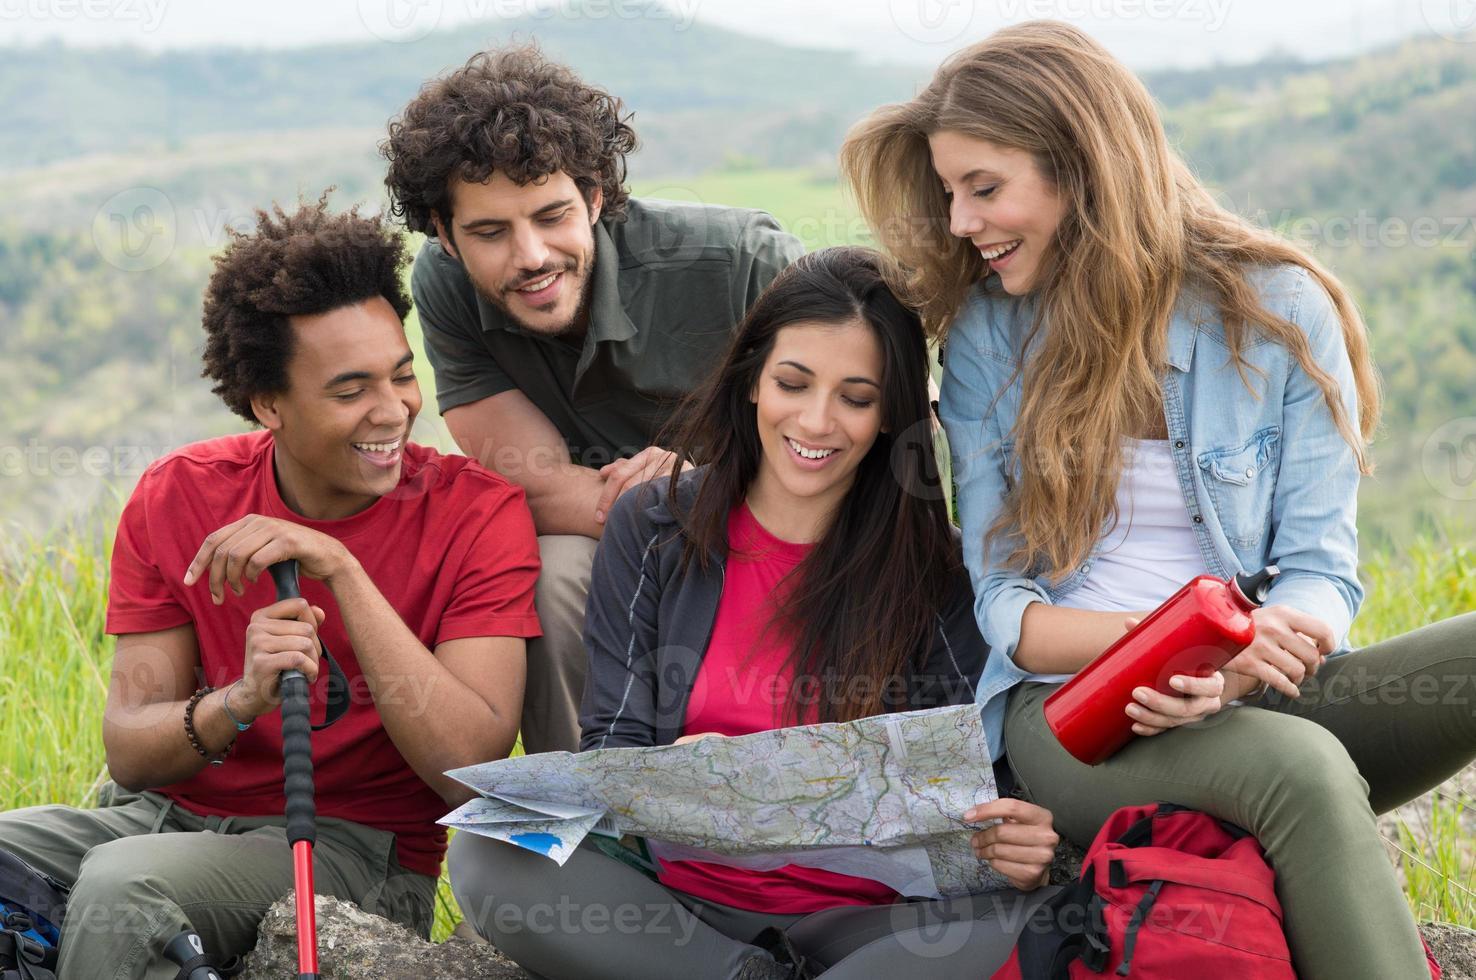 grupo de pessoas em viagem de acampamento foto